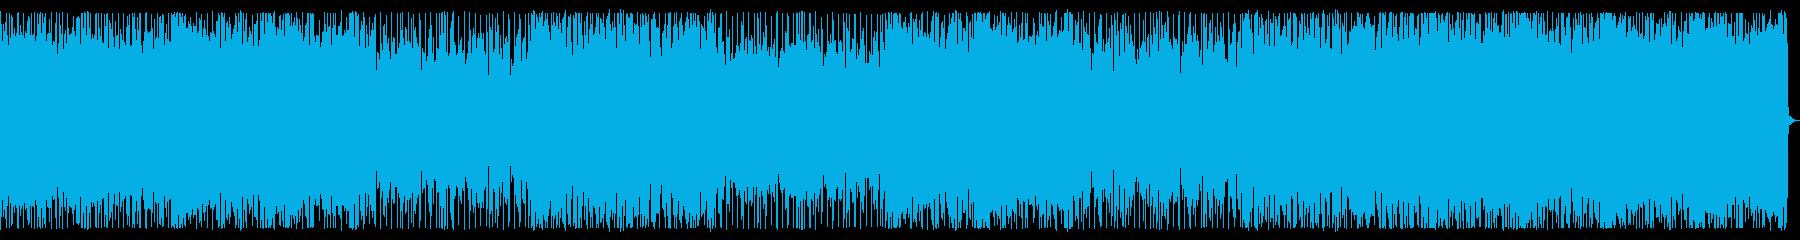 シンプル/おしゃれ/ディスコ_No439の再生済みの波形